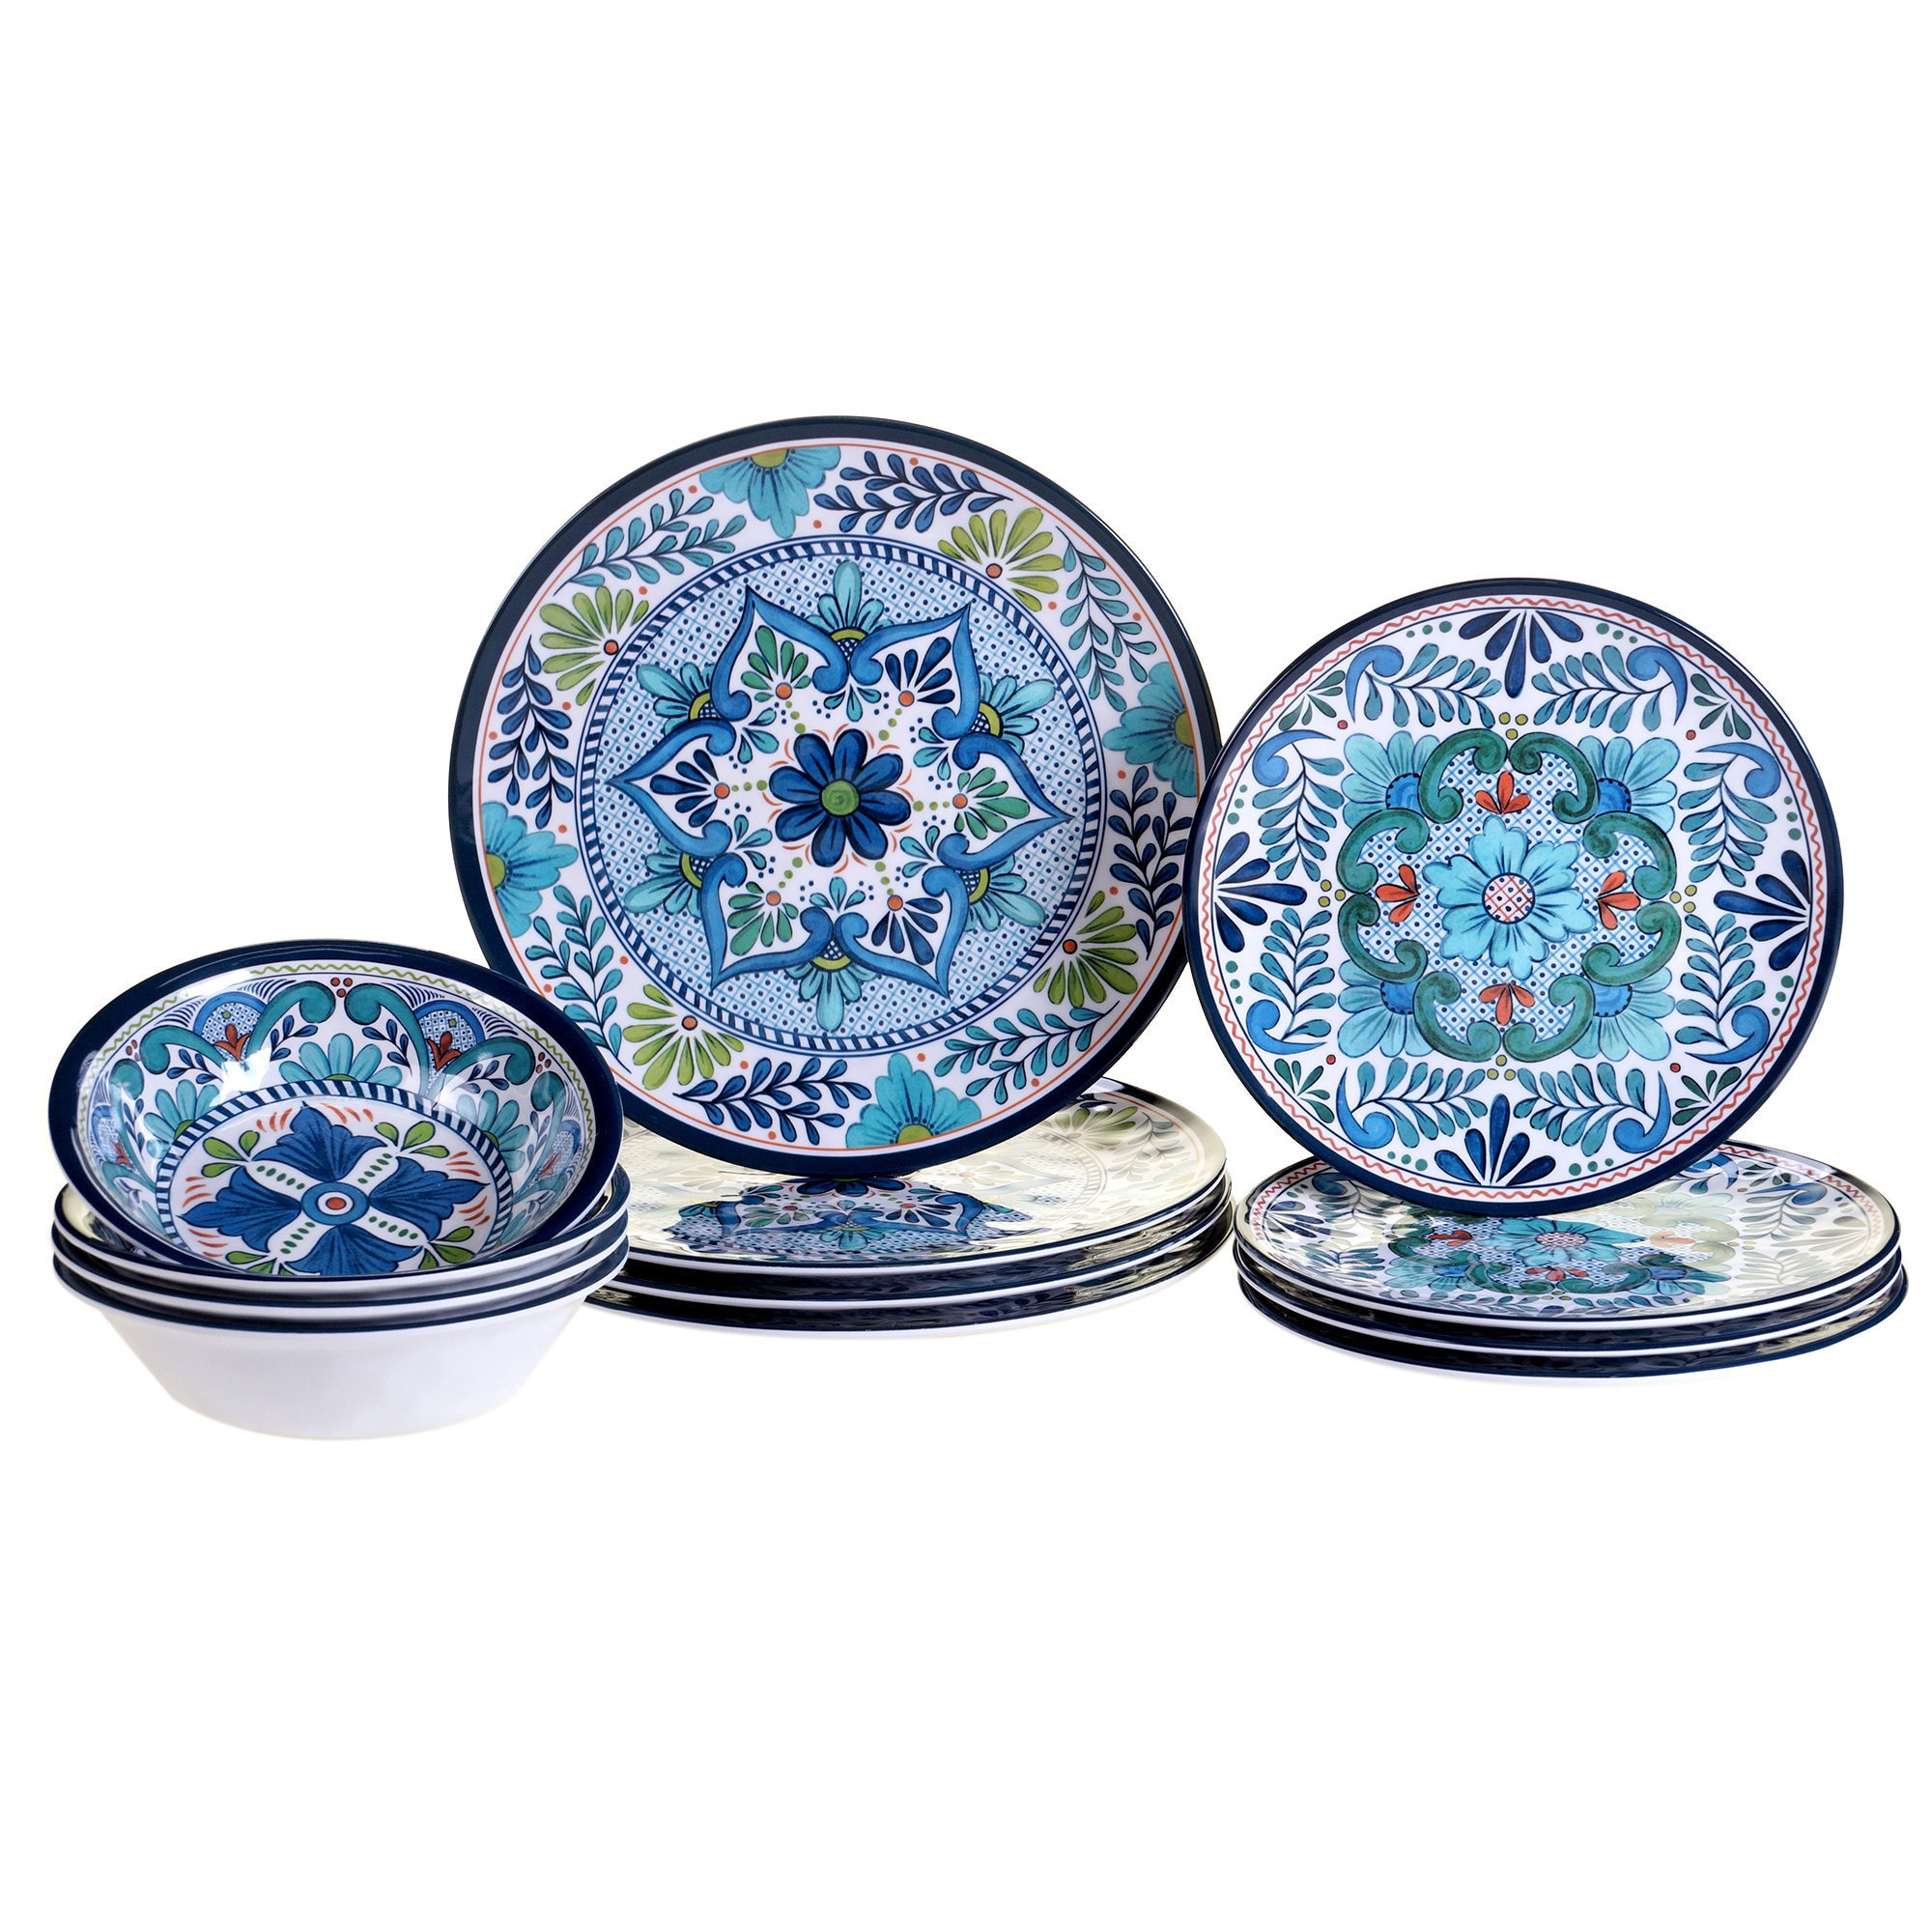 12-piece Dinnerware Set Blue Pattern Dinner Plates Dishwasher Safe Melamine  sc 1 st  eBay & 12-piece Dinnerware Set Blue Pattern Dinner Plates Dishwasher Safe ...